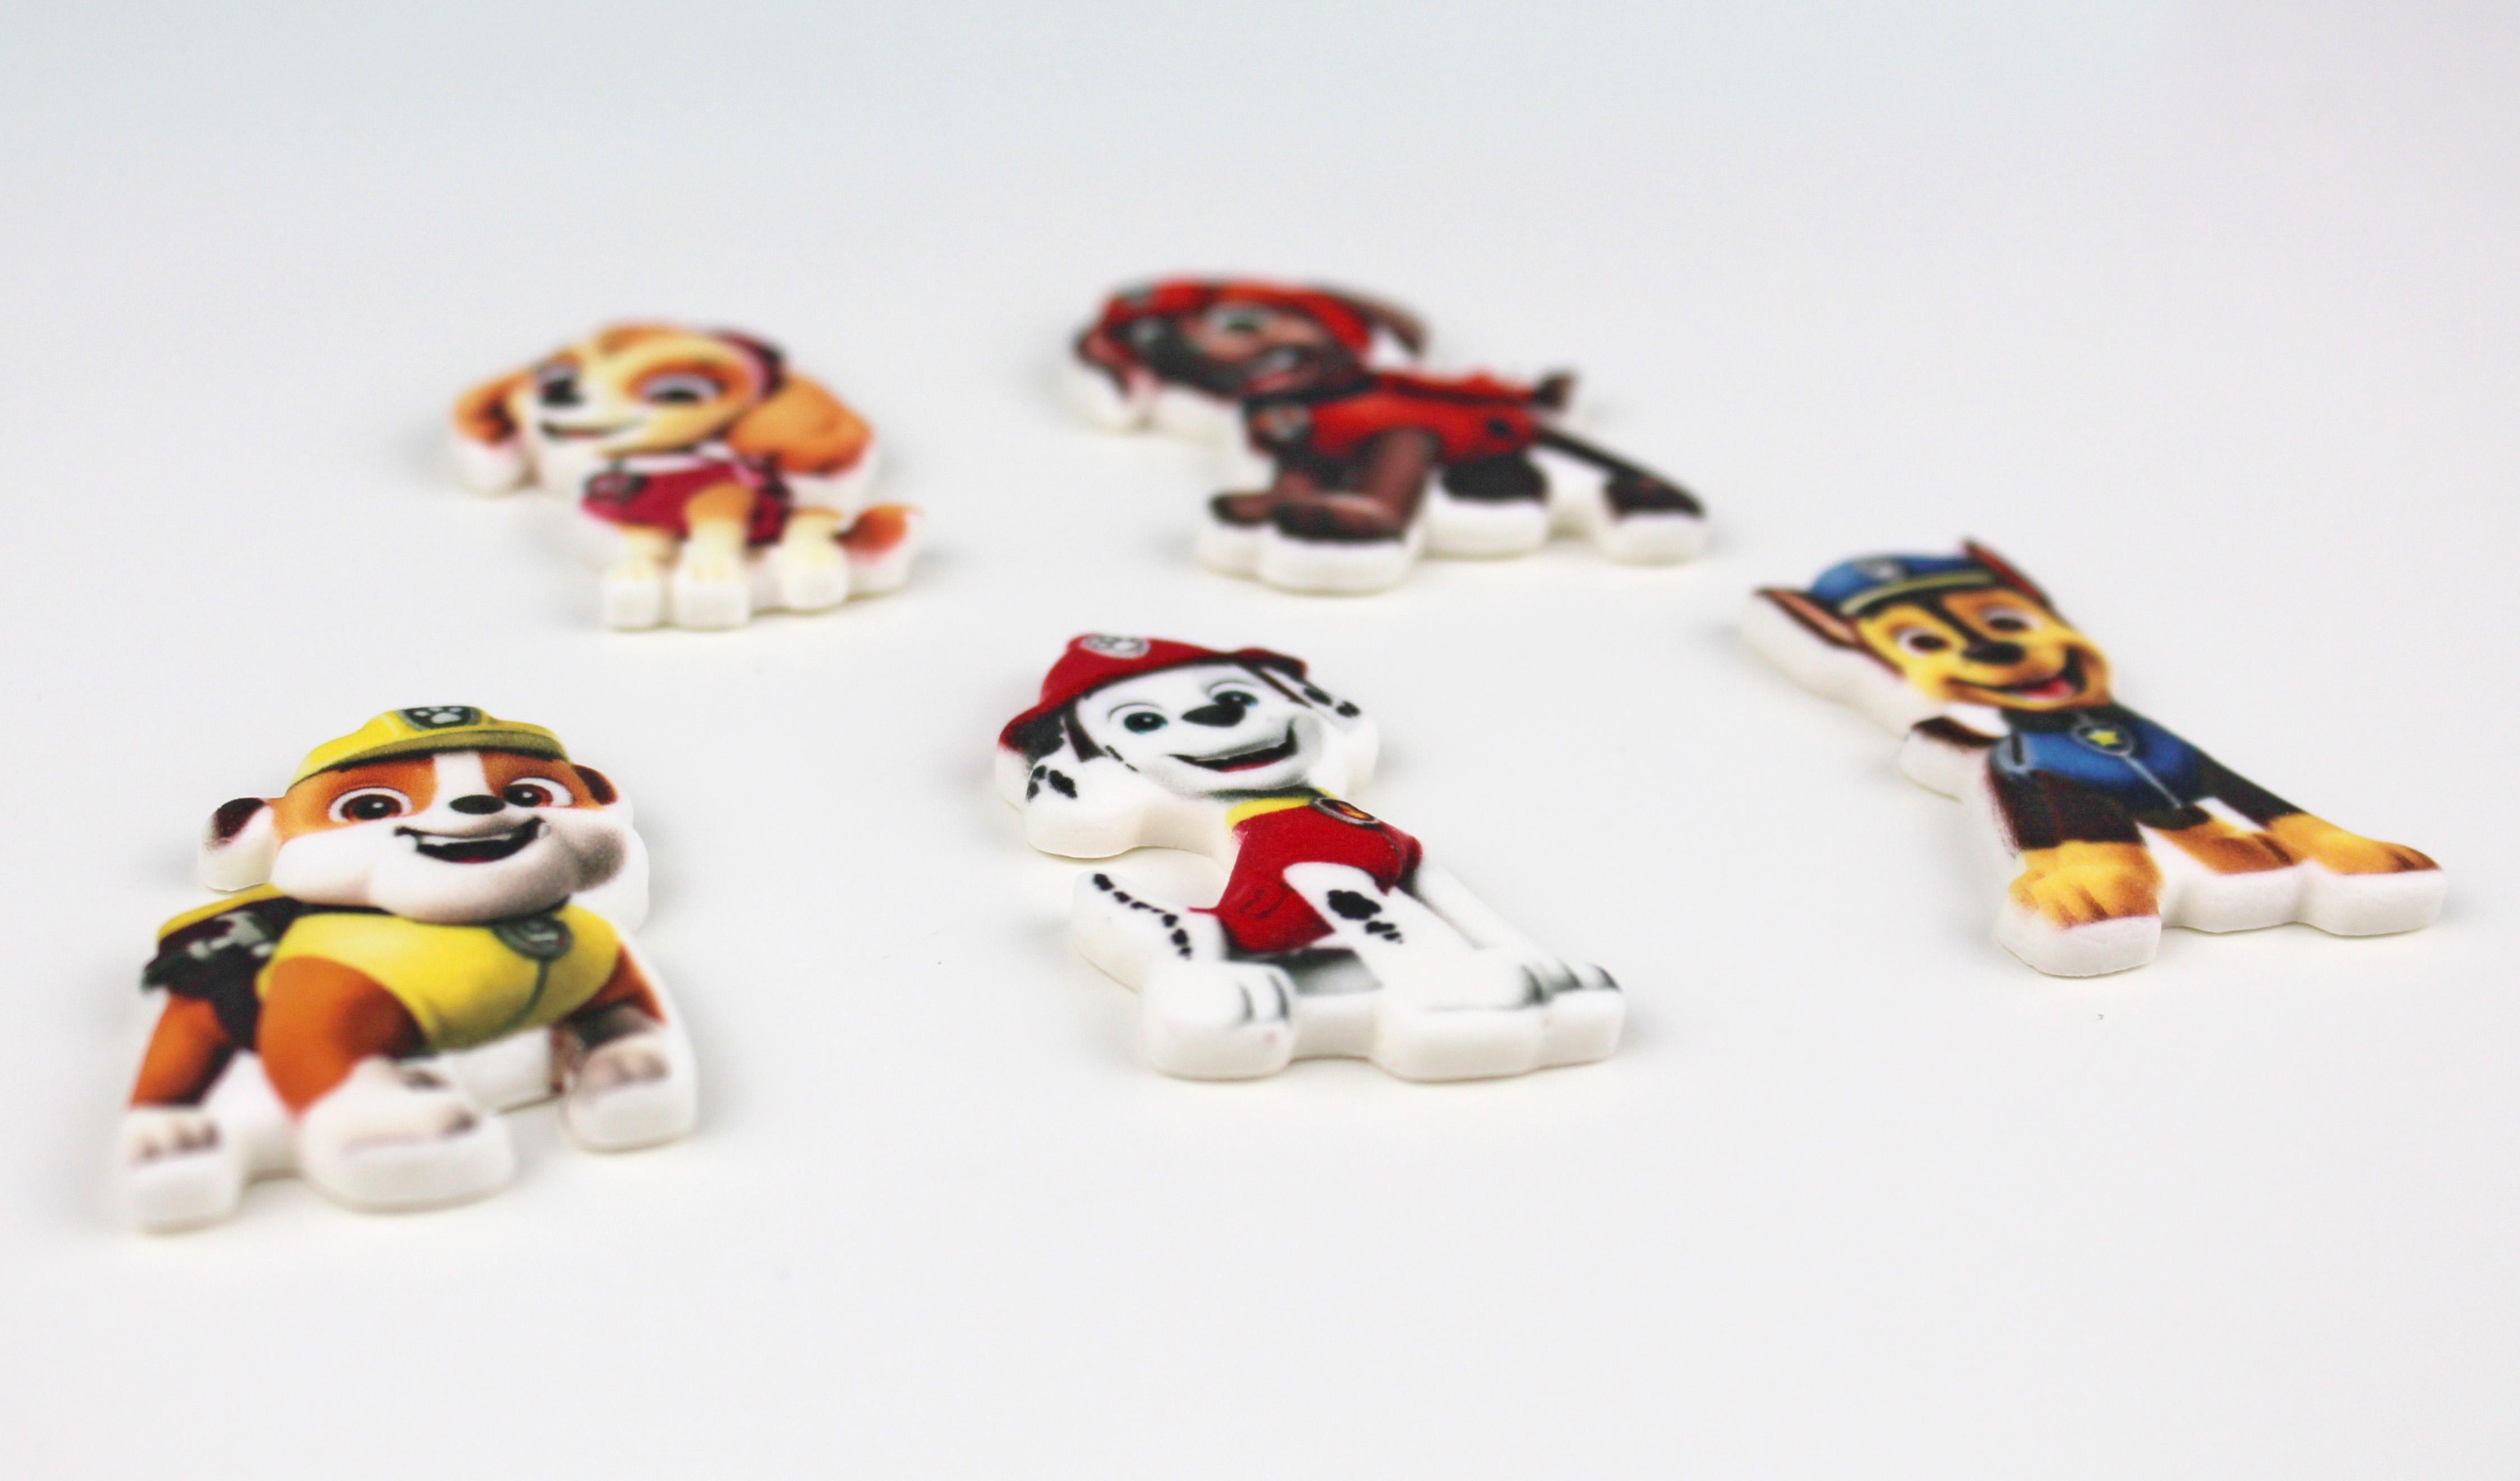 Paw Patrol  Figuren Zuckerdekoration